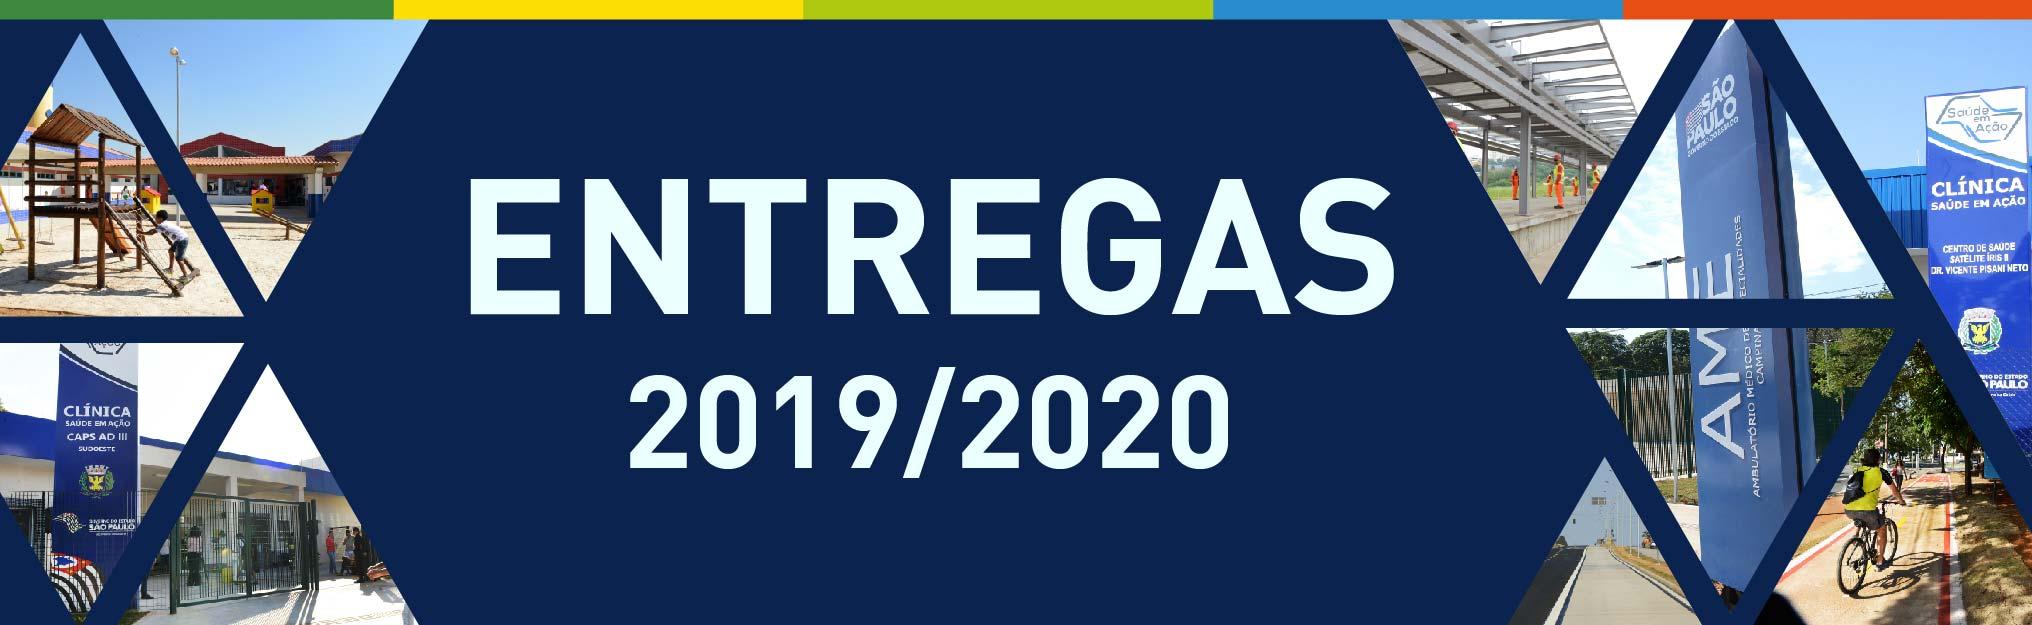 confira as entregas 2019 2020